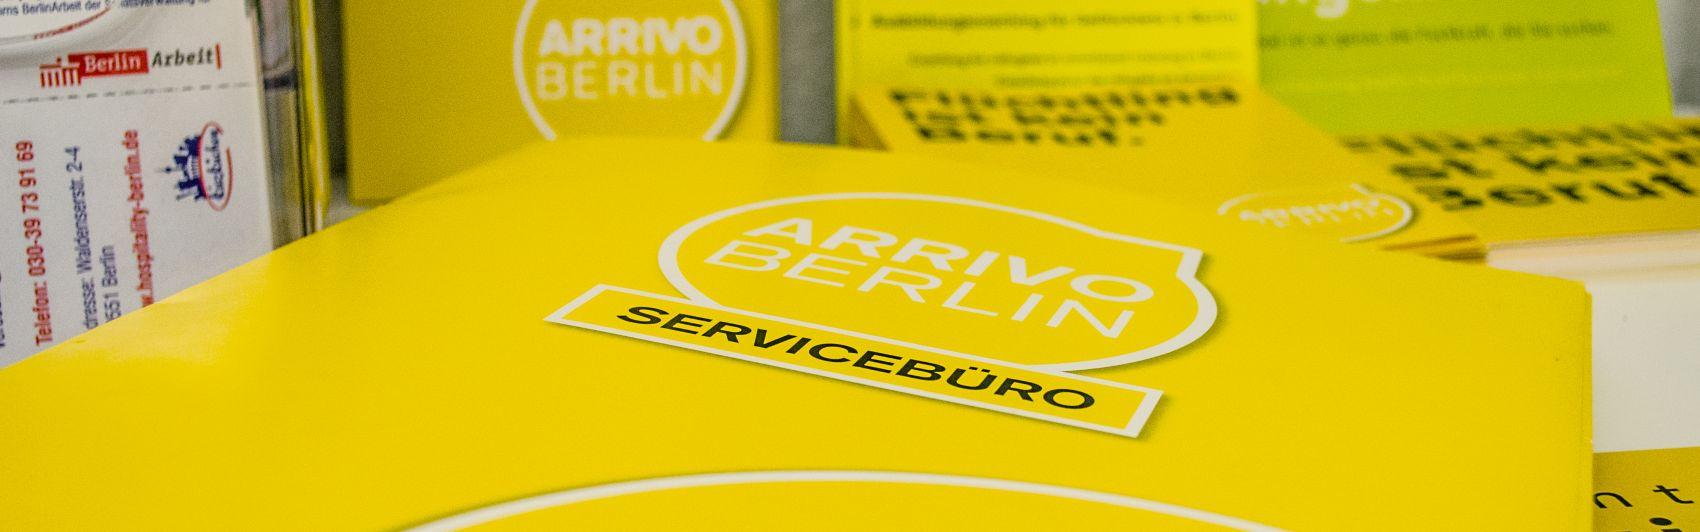 Werbemittel des Arrivo Servicebüros